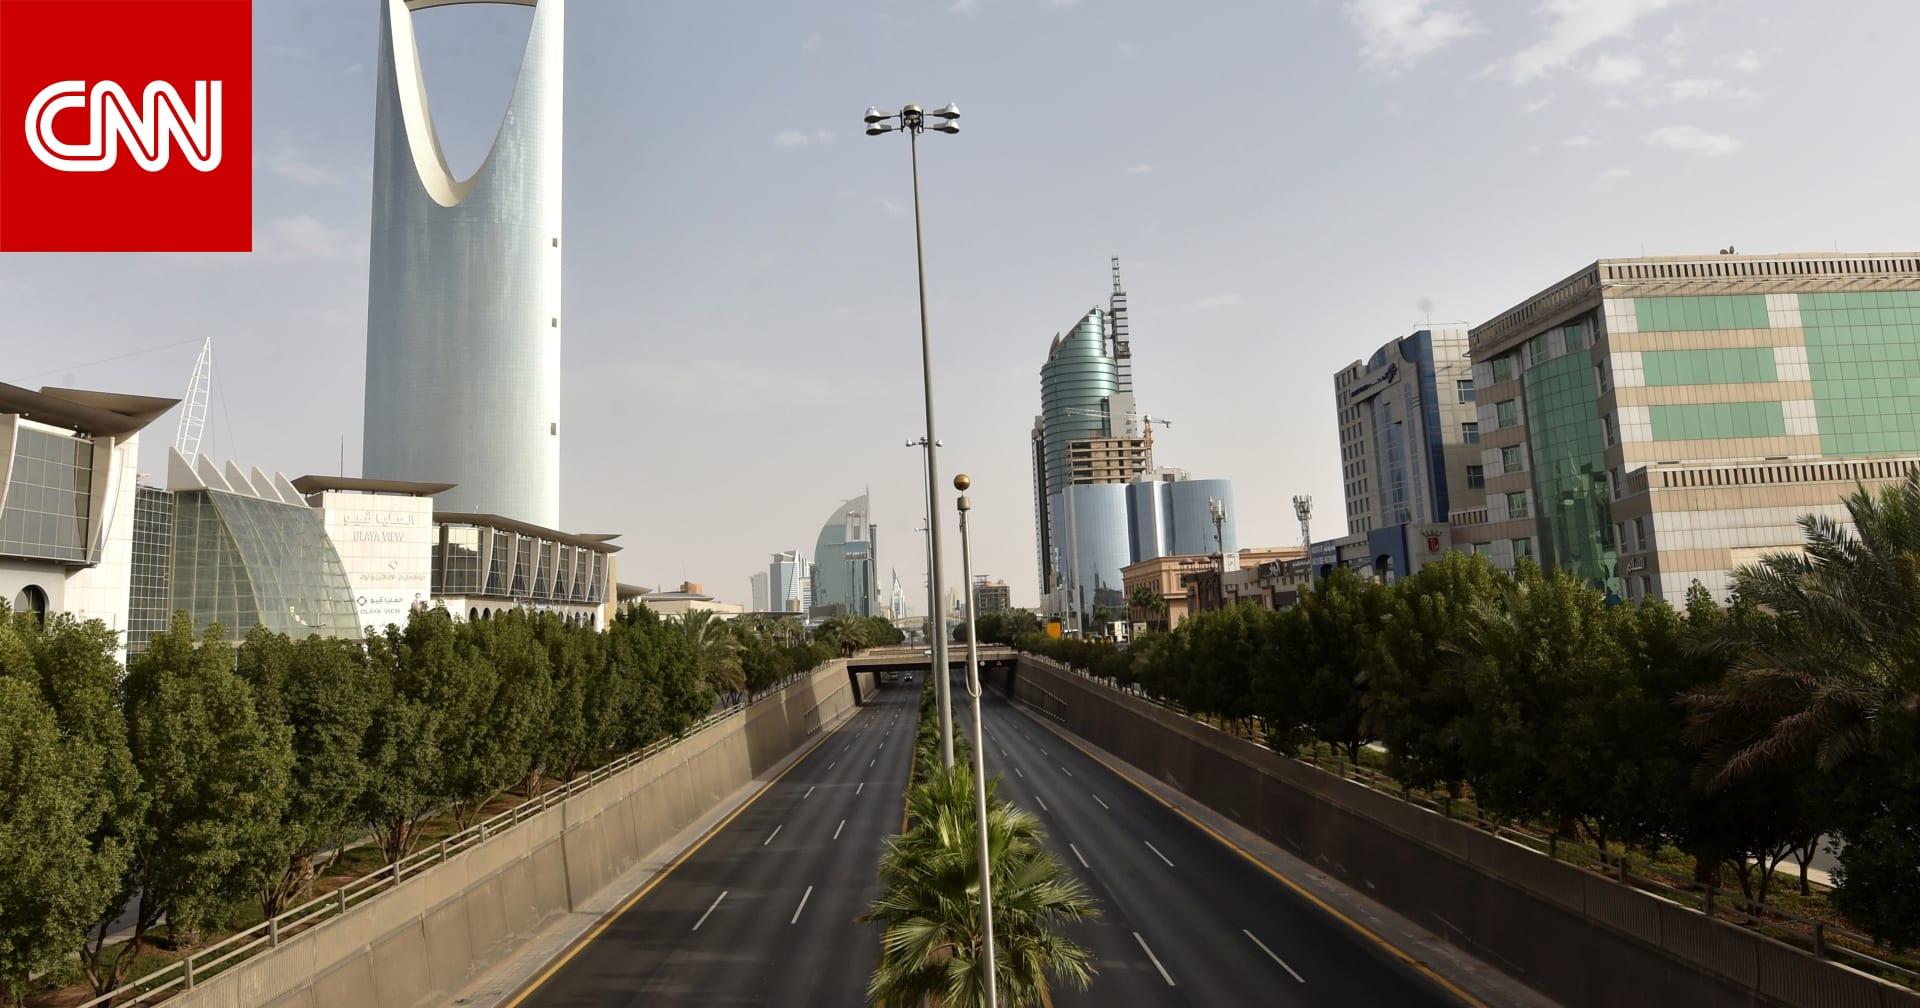 السعودية تستضيف قمة عن التغير المناخي على مستوى الشرق الأوسط أكتوبر المقبل